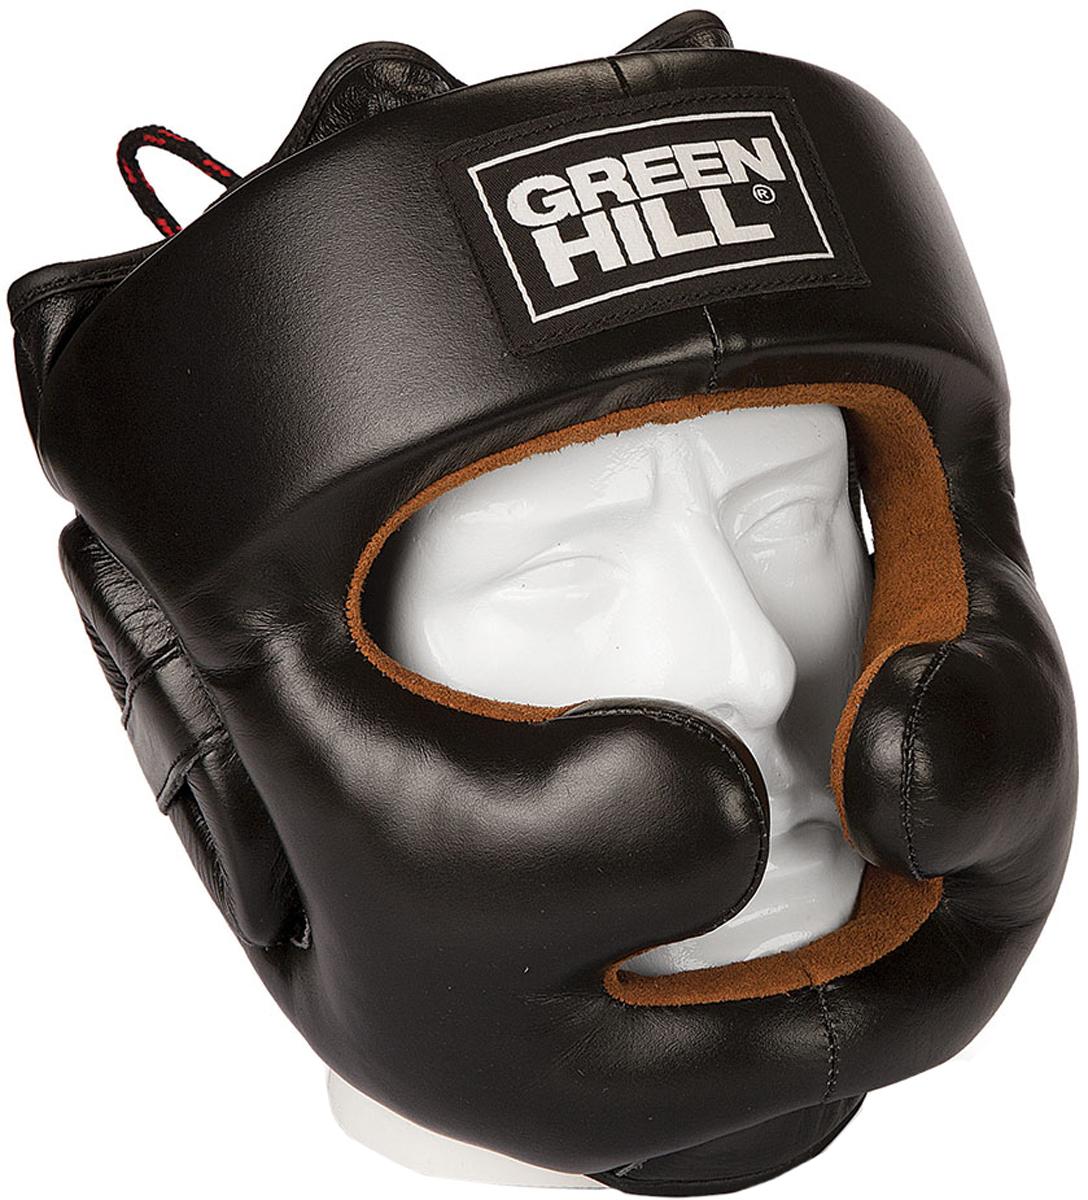 Шлем боксерский Green Hill Lux, цвет: черный. HGL-9049. Размер XLHGL-9049Тренировочный боксерский фулл-фэйс шлем Green Hill Lux разработан специально для обеспечения максимальной защиты лица спортсмена с минимальным ущербом для видимости. Защита скул практически объединяется в бампер, оставляя небольшое пространство для улучшения обзора. Уши спортсмена так же обеспечены дополнительной защитой.Шлем сделан из высококачественной натуральной коровьей кожи, внутренняя сторона из натуральной замши. Верх шлема - на шнуровке.Обхват головы: 61-63 см.